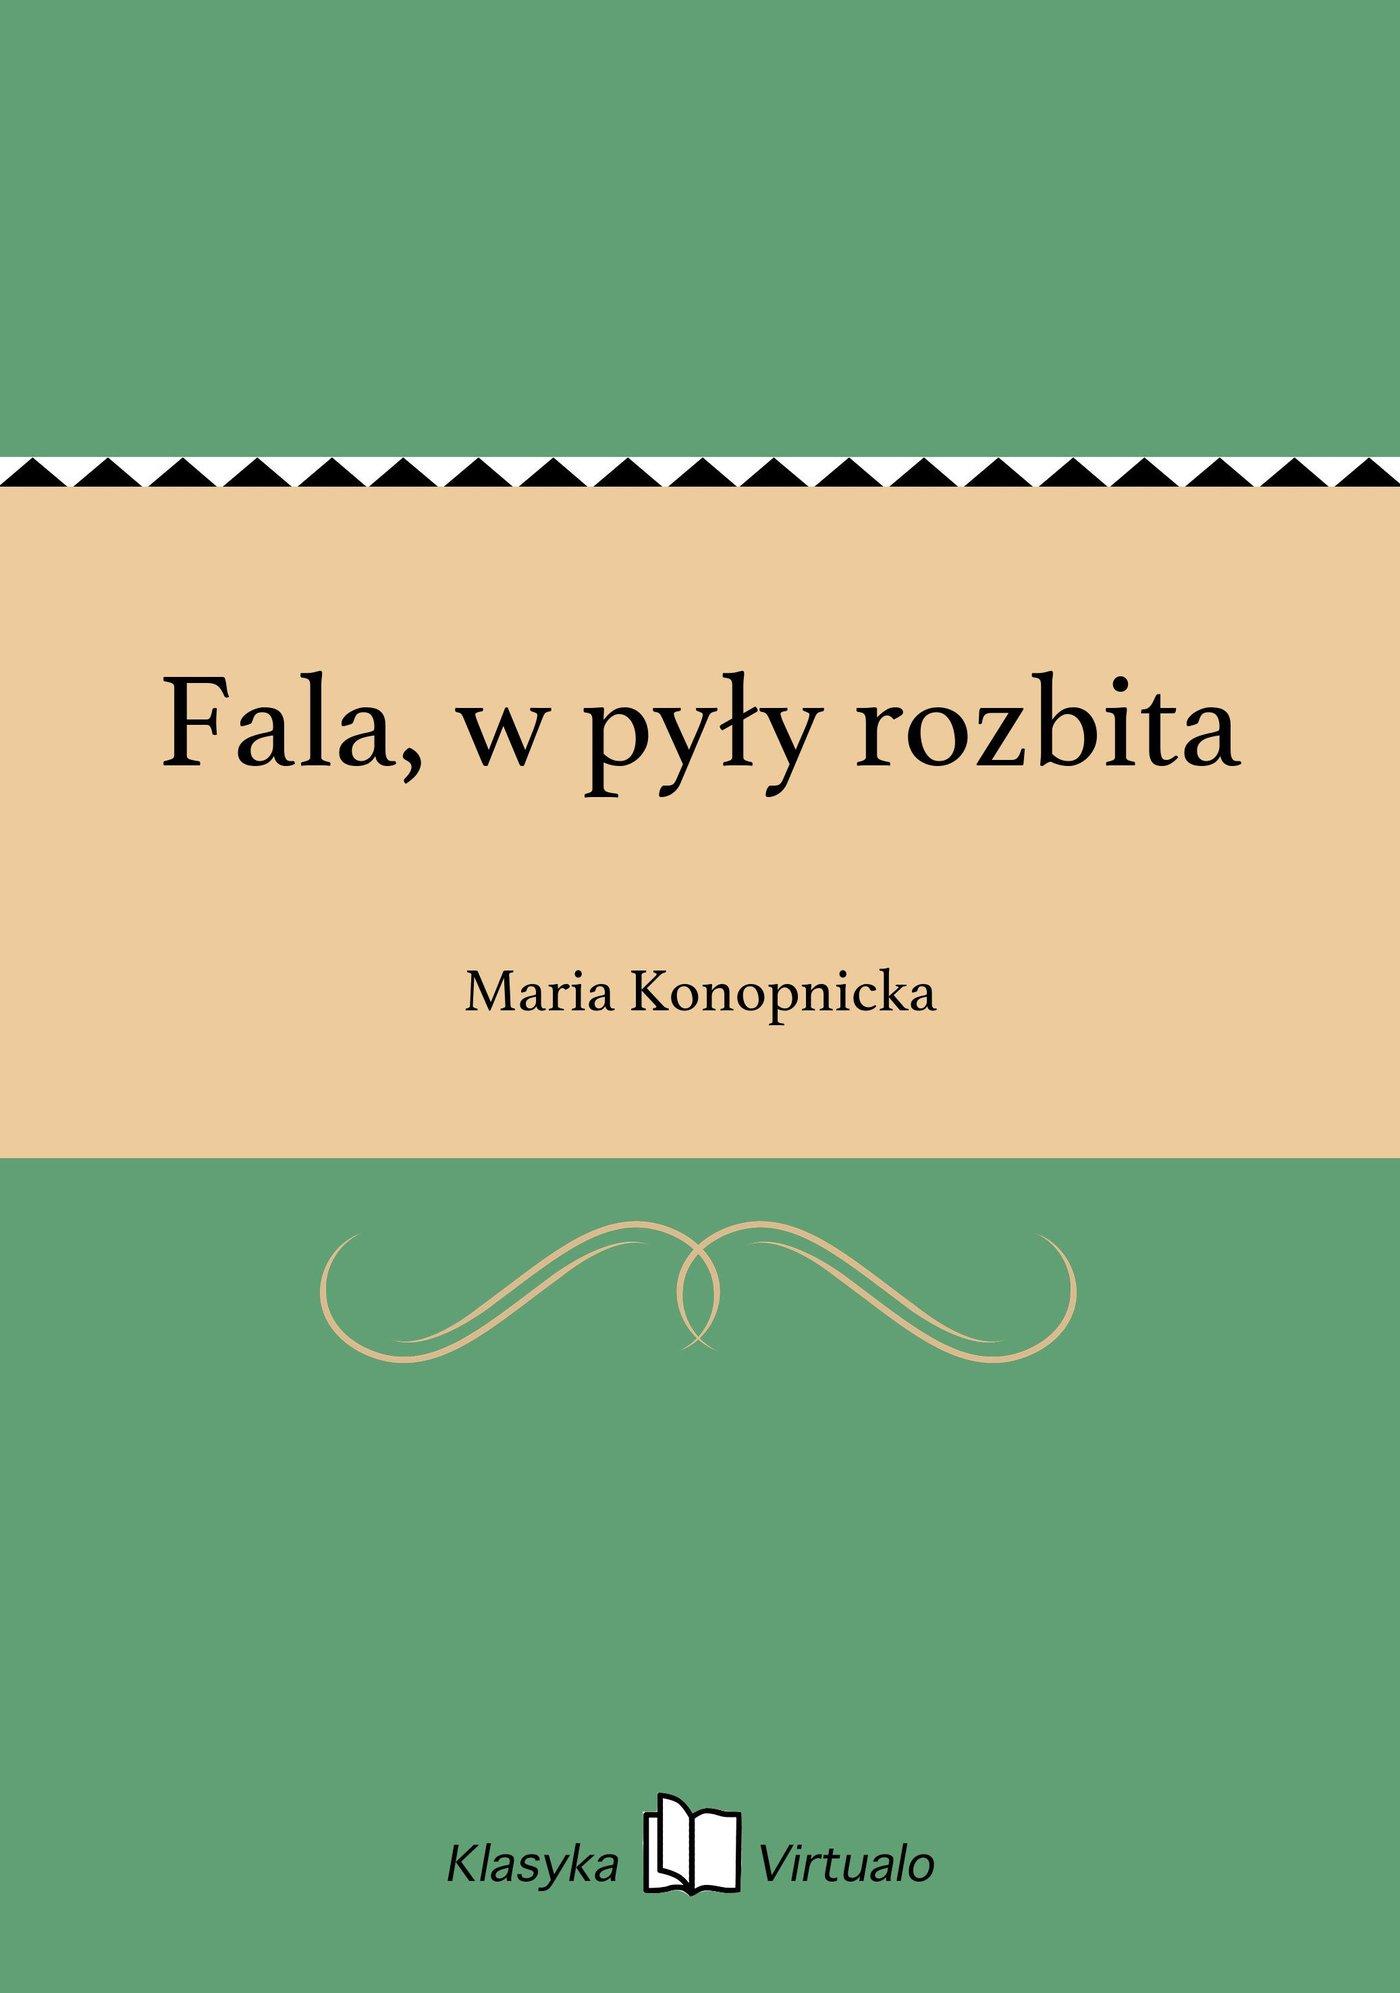 Fala, w pyły rozbita - Ebook (Książka na Kindle) do pobrania w formacie MOBI